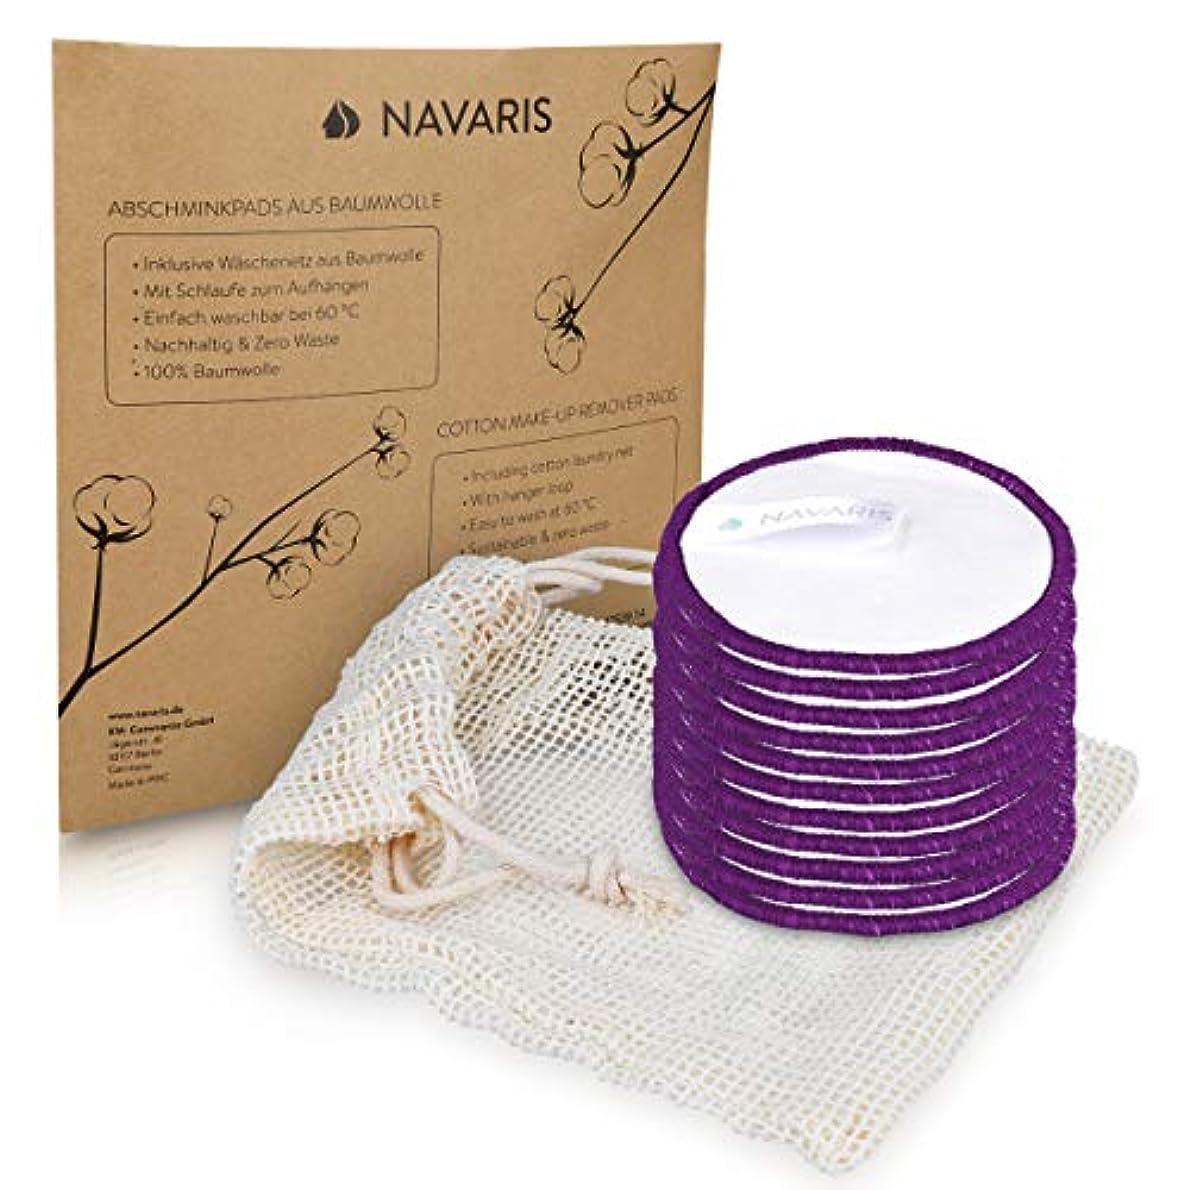 気まぐれなねばねば適切なNavaris メイク落とし パッド 14枚セット 再利用可 - コットン パッド 化粧落とし 拭き取り化粧水 肌に優しい - フェイシャルシート 洗濯ネット付き